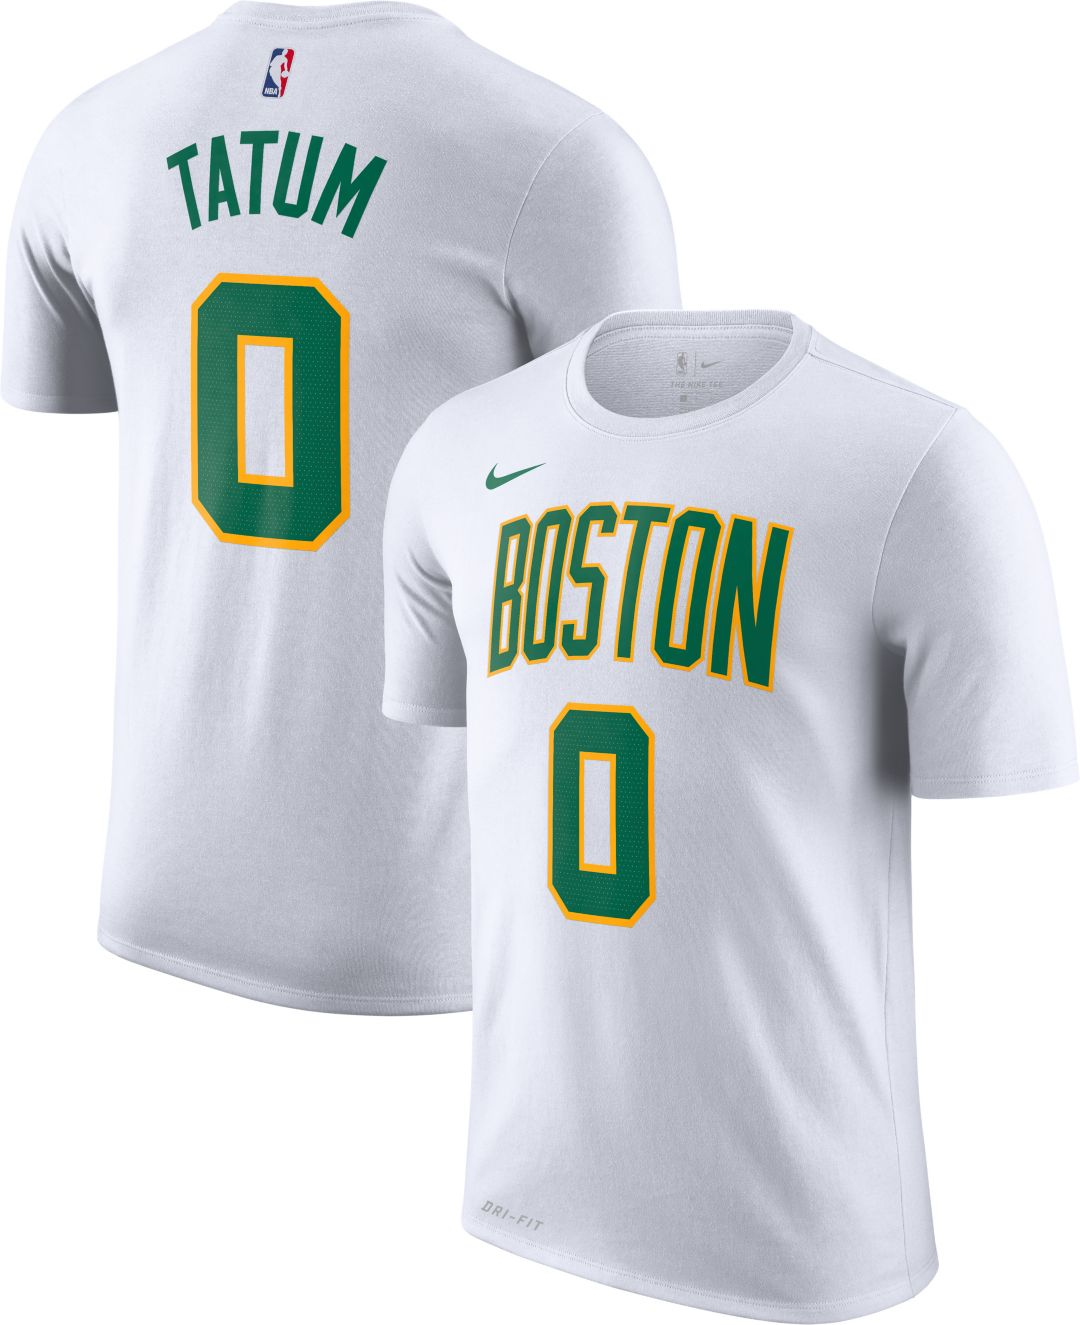 ed1630fd9b9 Nike Men's Boston Celtics Jayson Tatum Dri-FIT City Edition T-Shirt ...